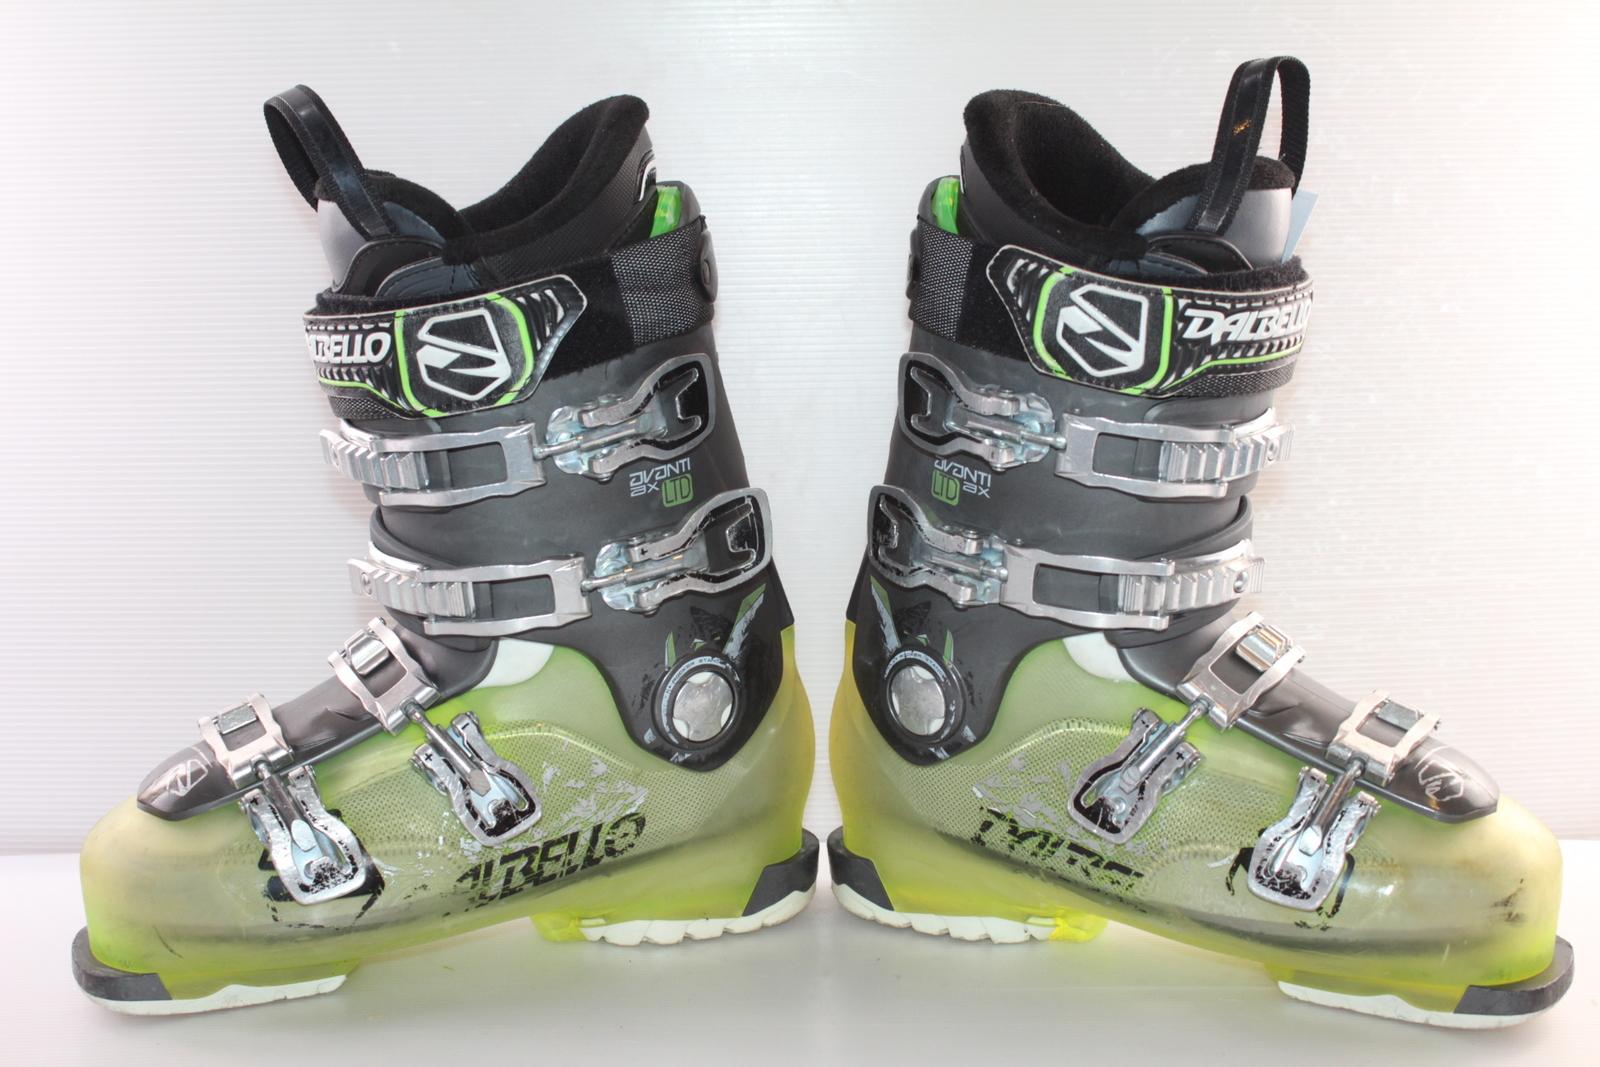 Lyžařské boty Dalbello Avanti LTD ax vel. EU40.5